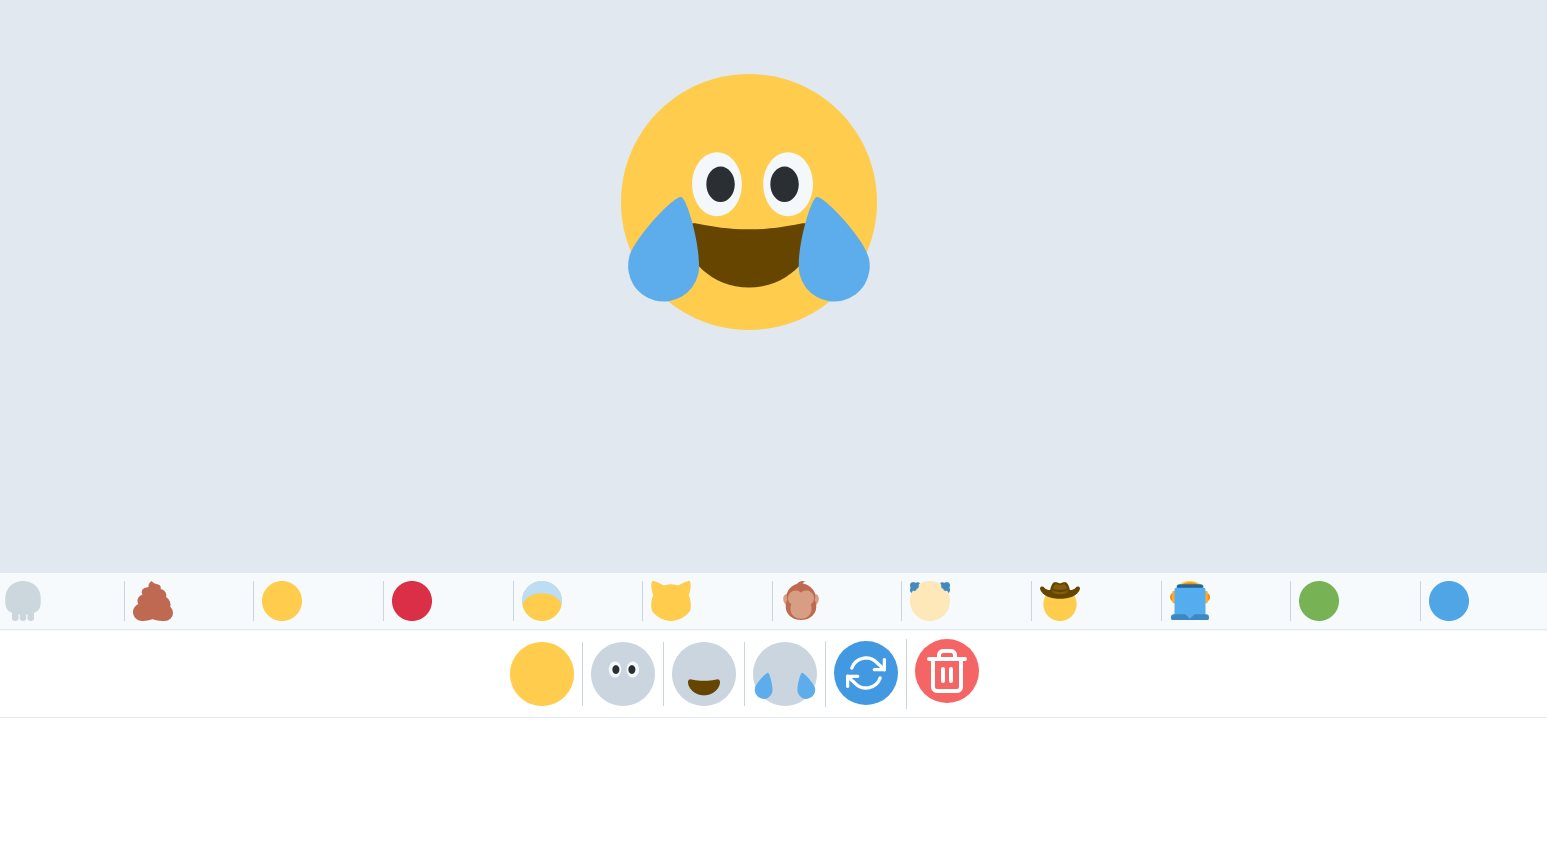 Un creador de emojis con miles de opciones